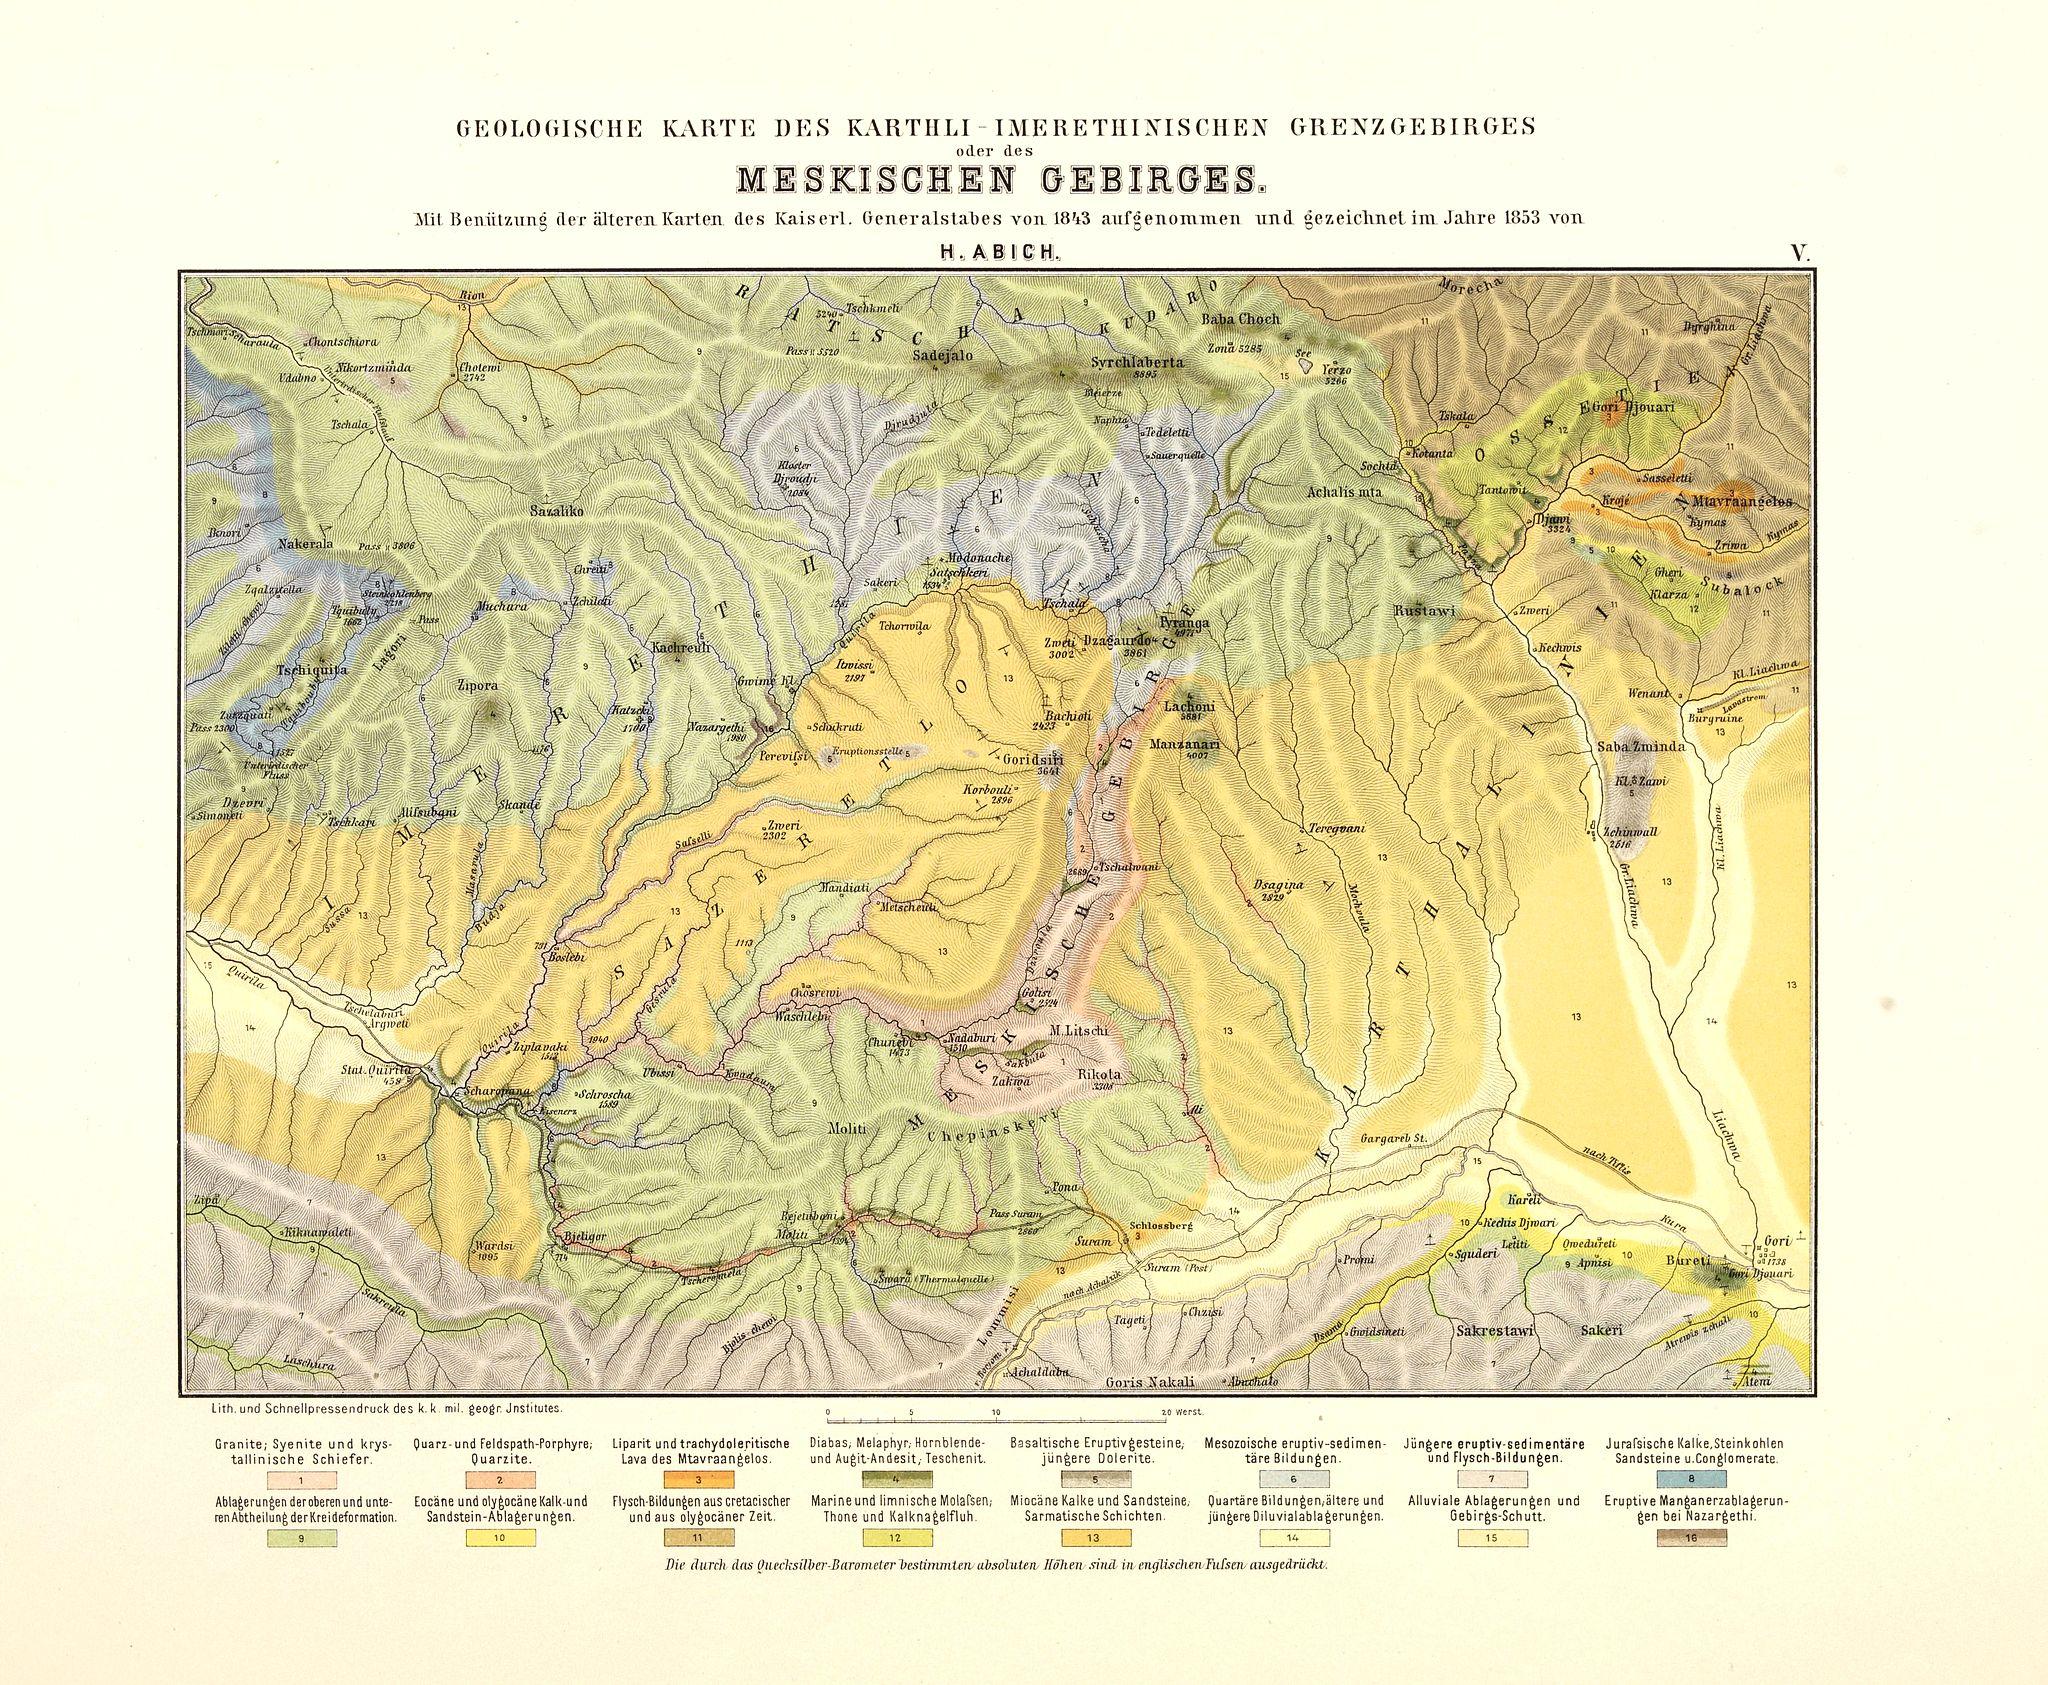 ABICH, H. -  Geologische Karte des Karthli-Imerethinischen Grenzgebirges oder des Meskischen.